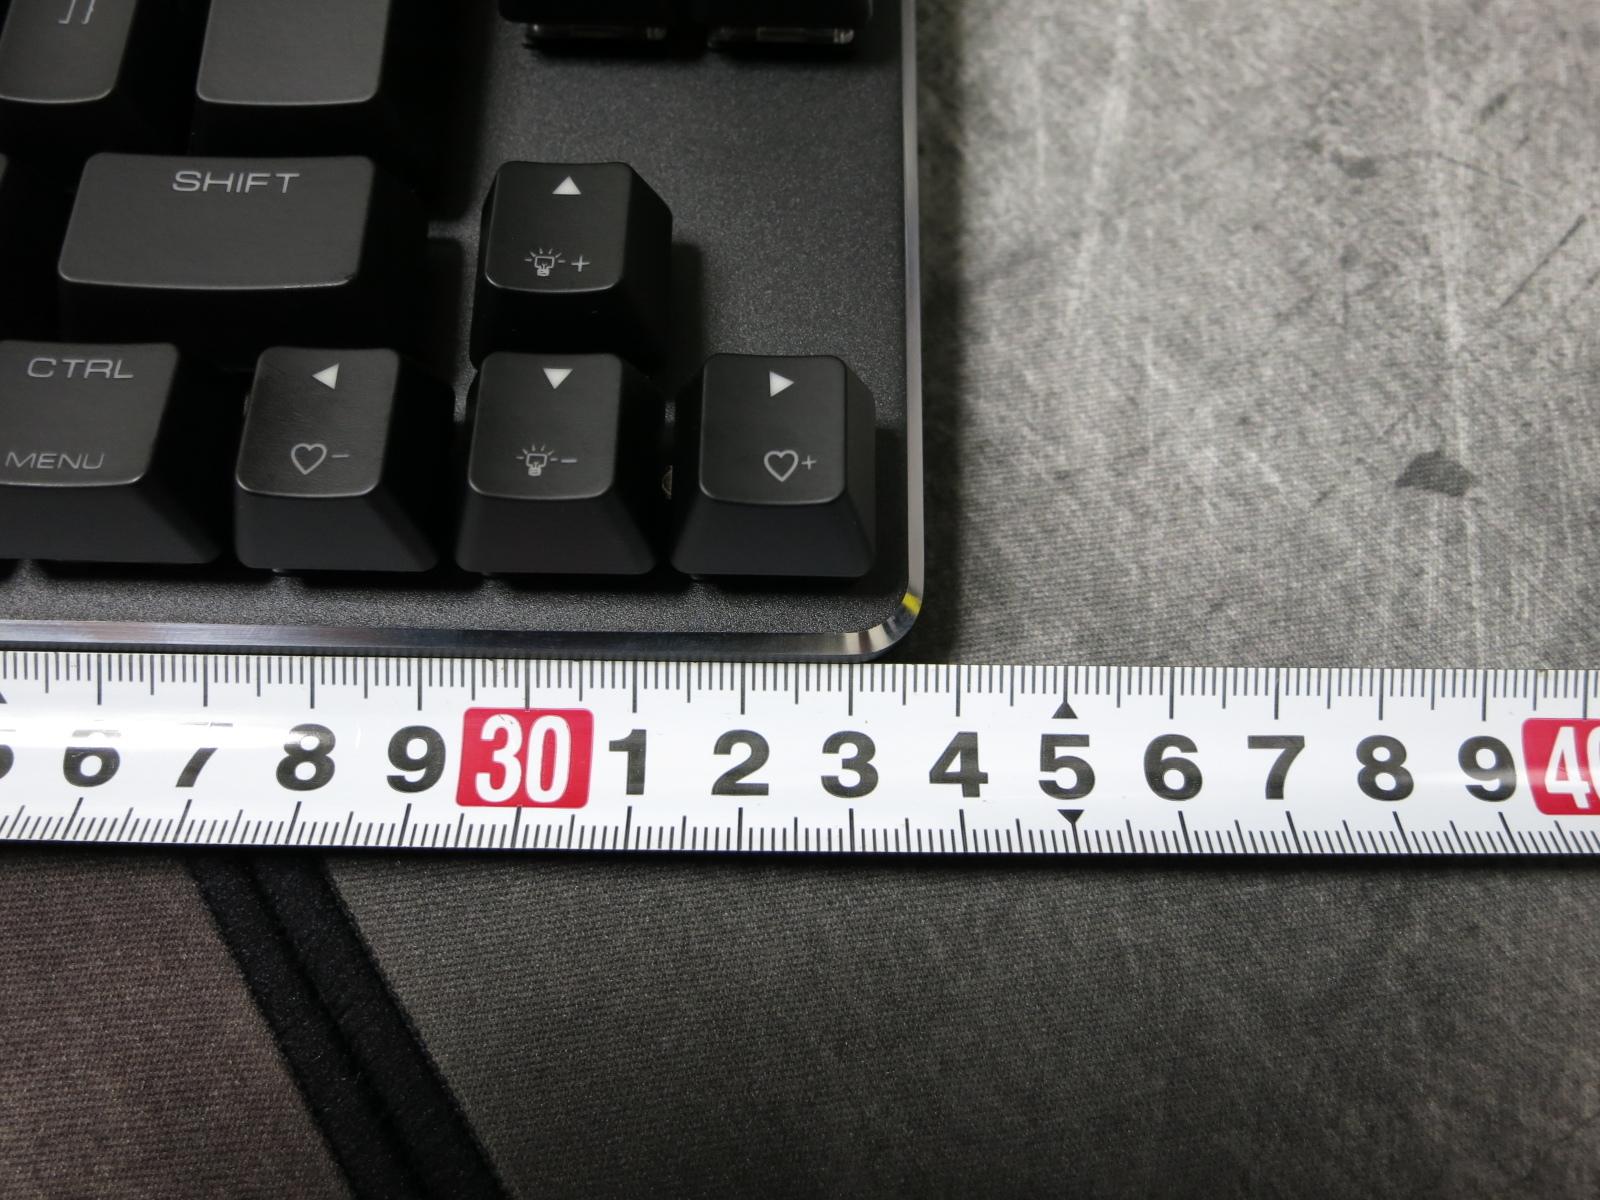 DN-915850_22.jpg